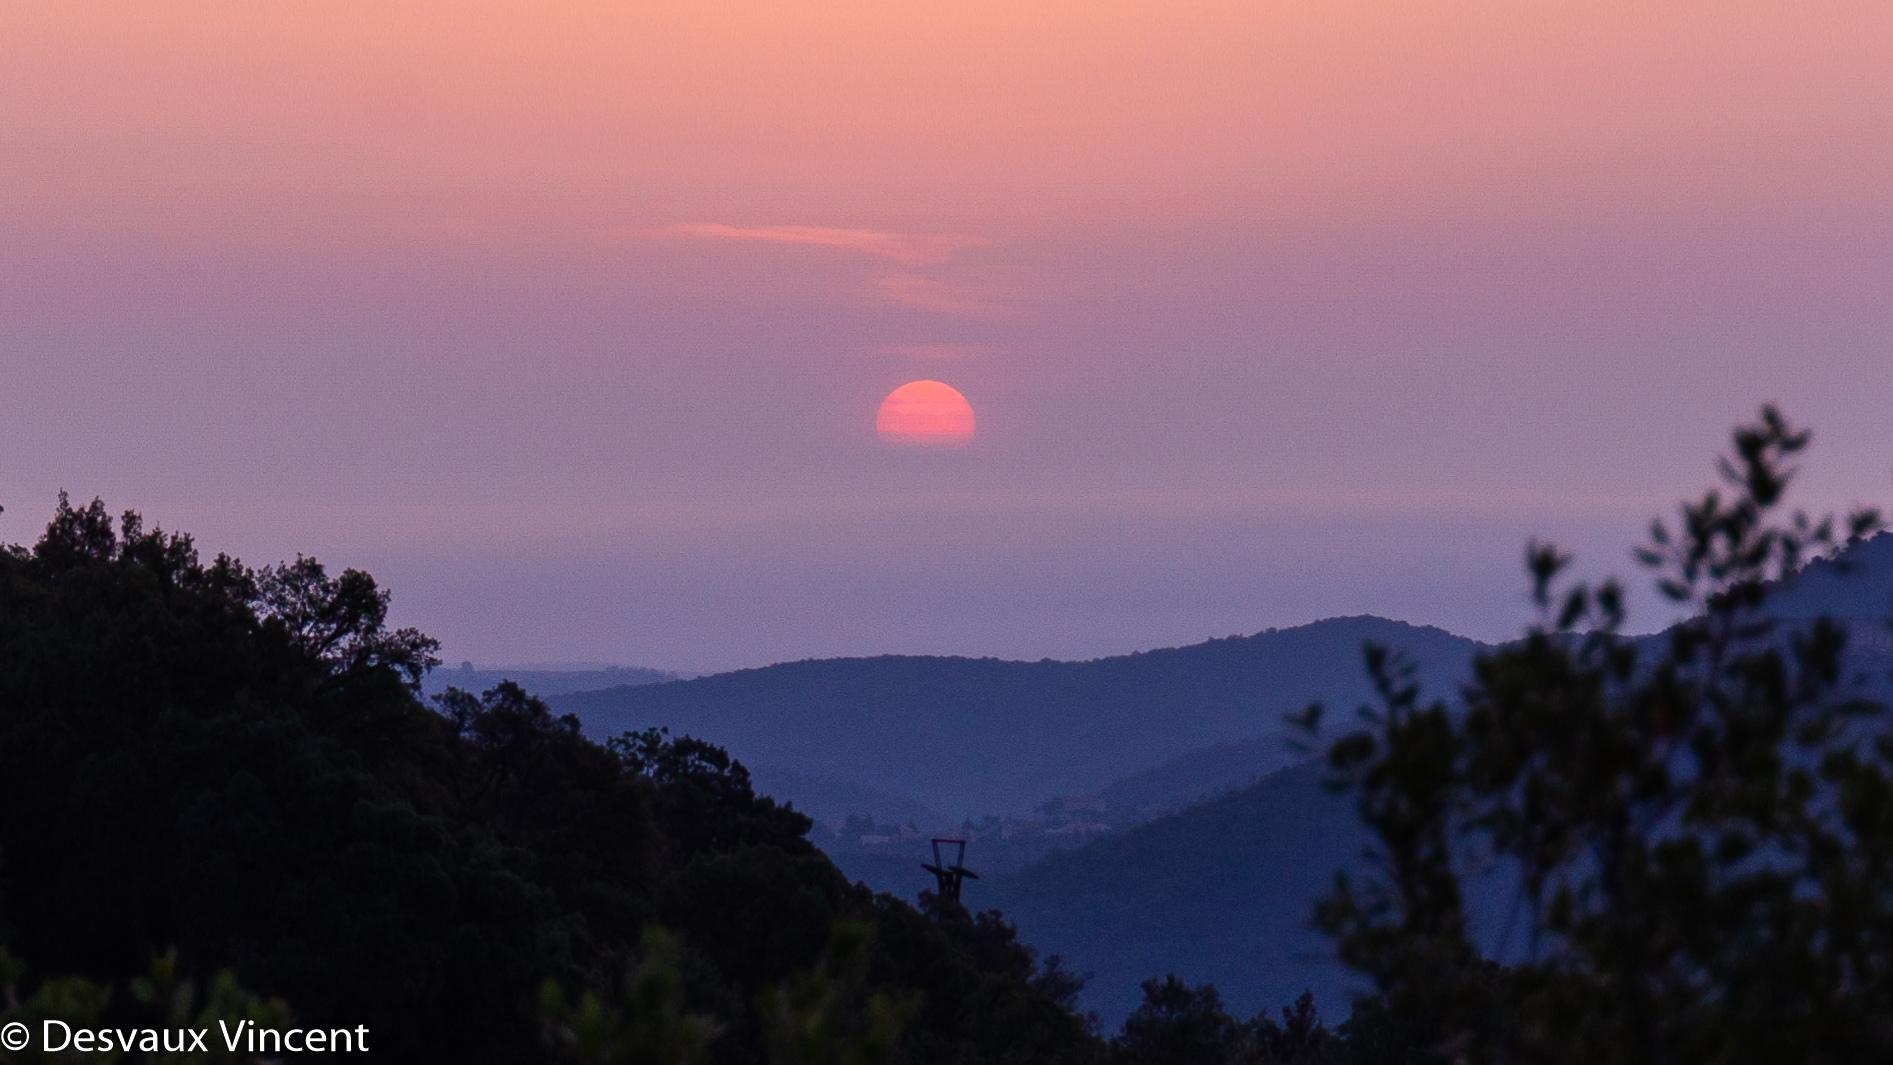 lever de soleil sur la vallée au dessus du poteau de telepherique depuis pin parasol-5909.jpg